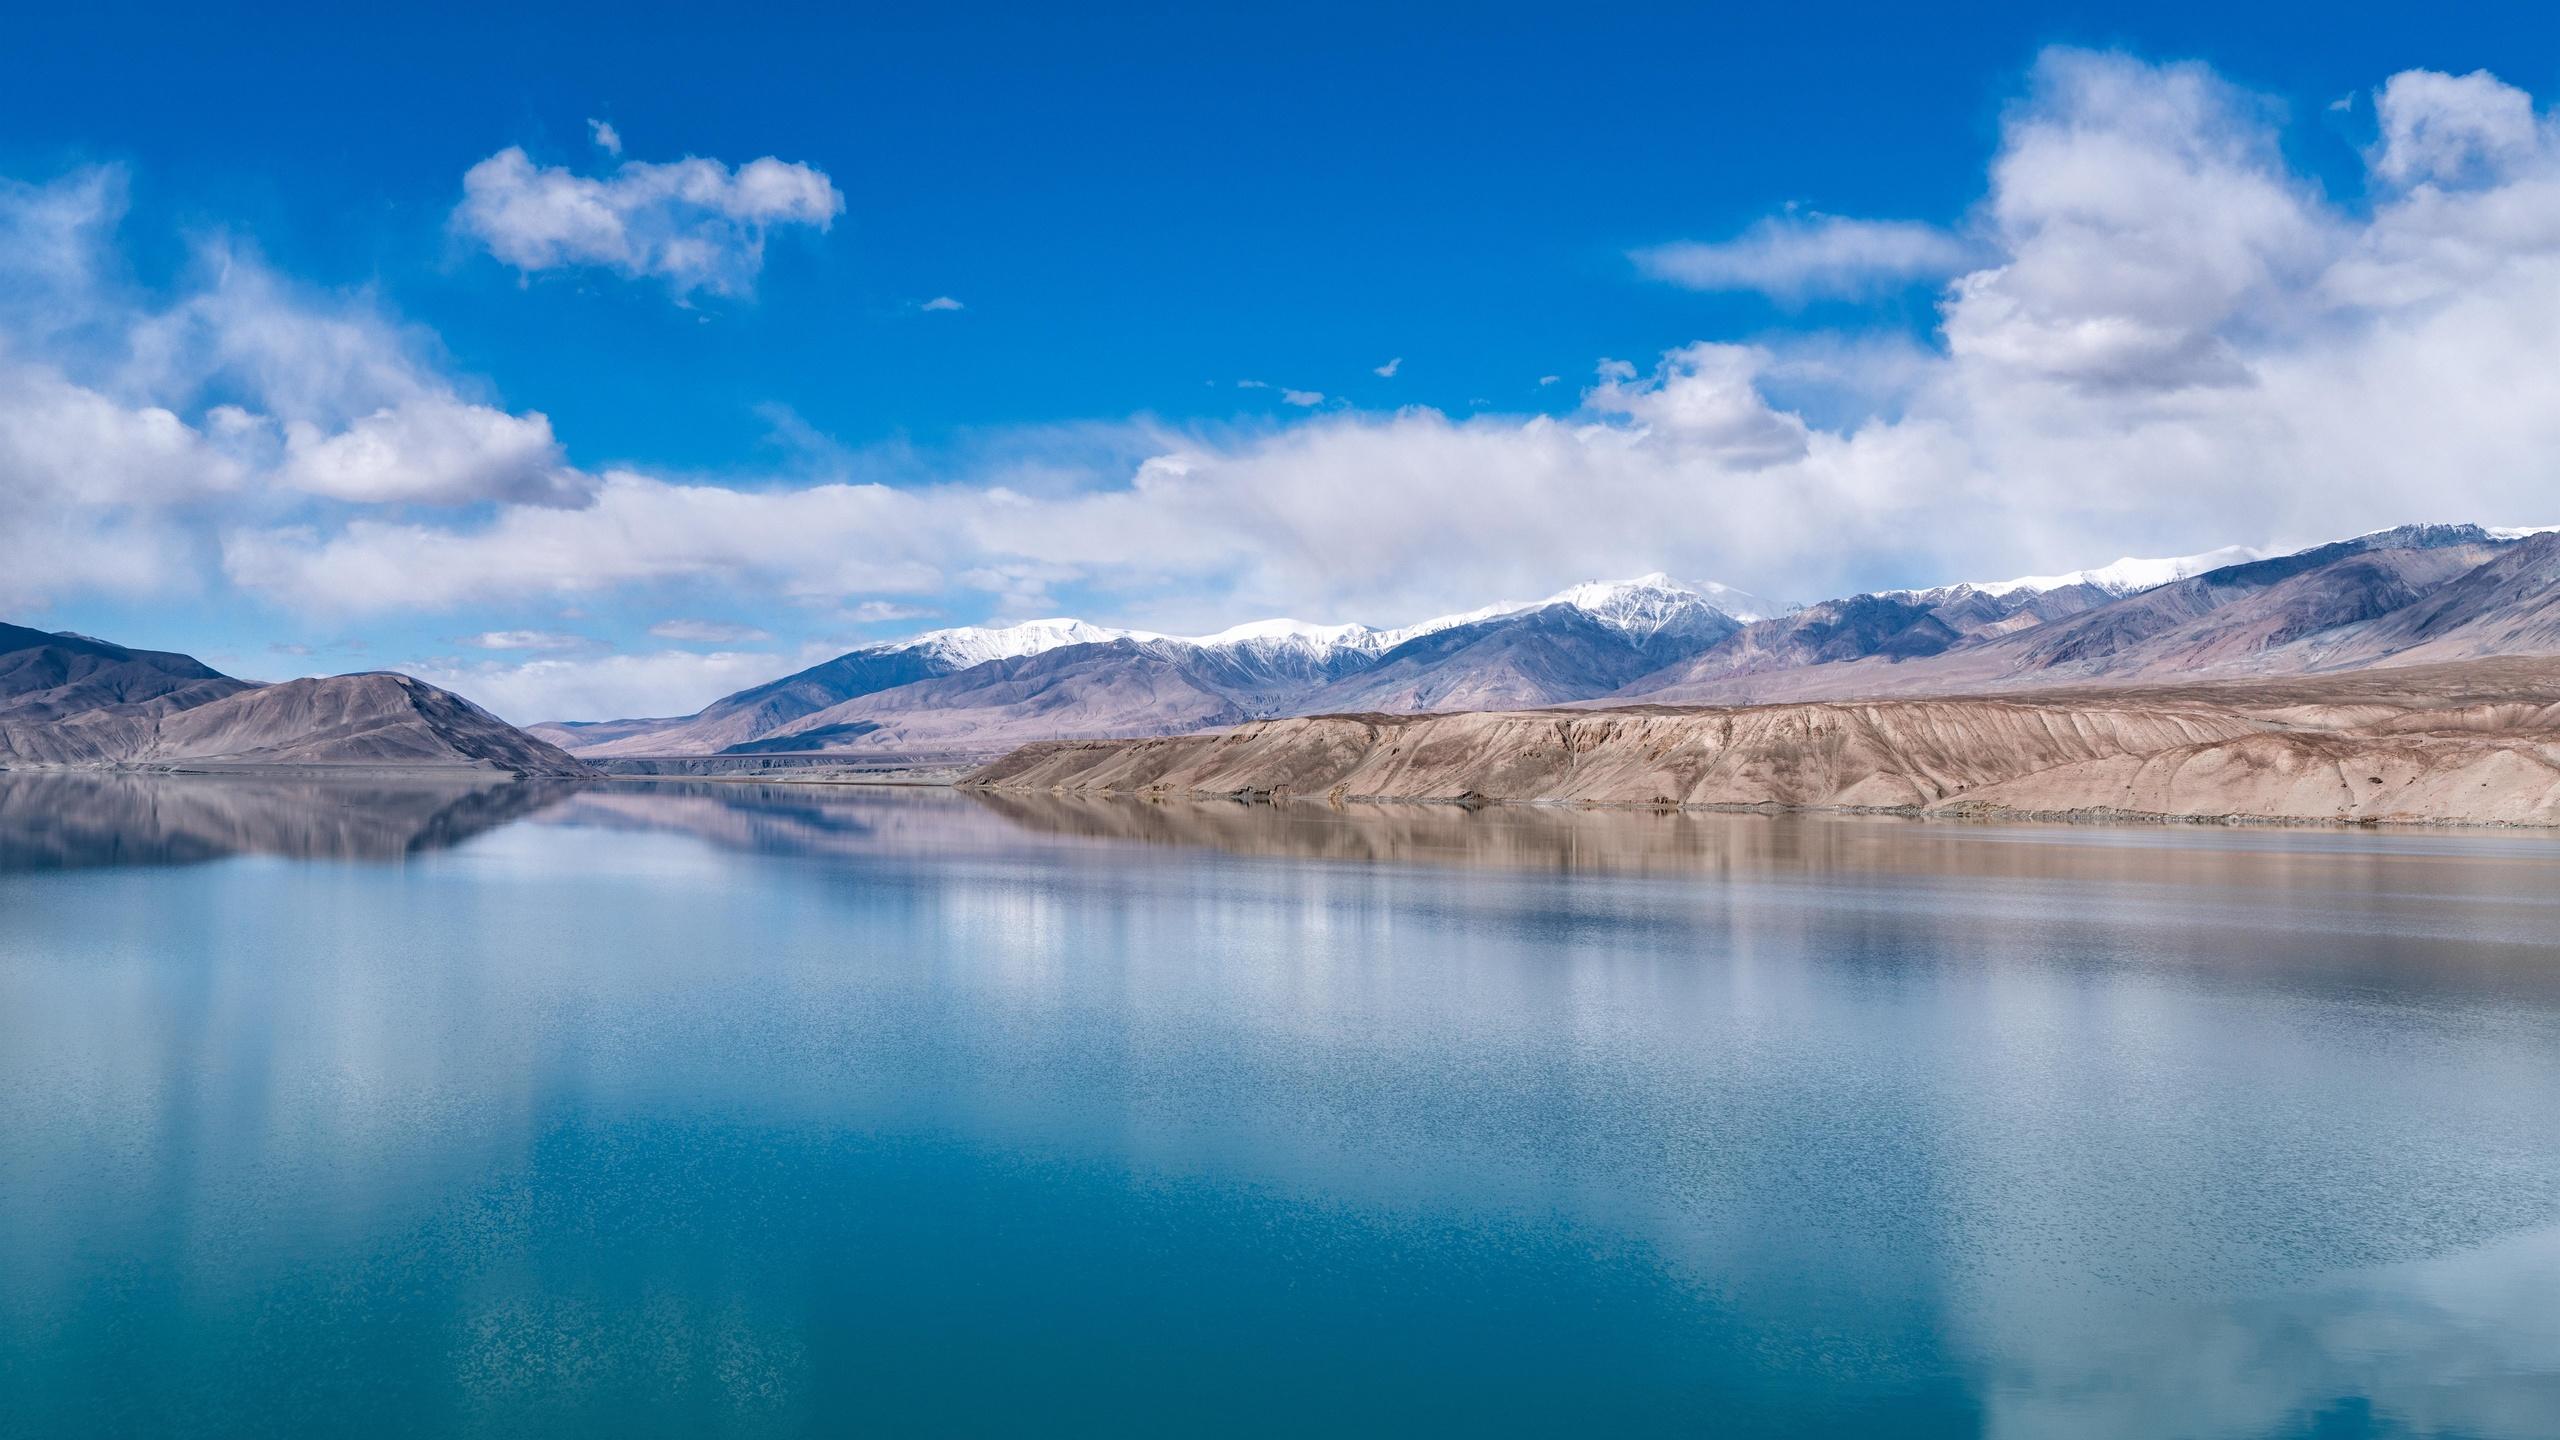 байша, озеро, синьцзян, горы, облачность, китай, природа